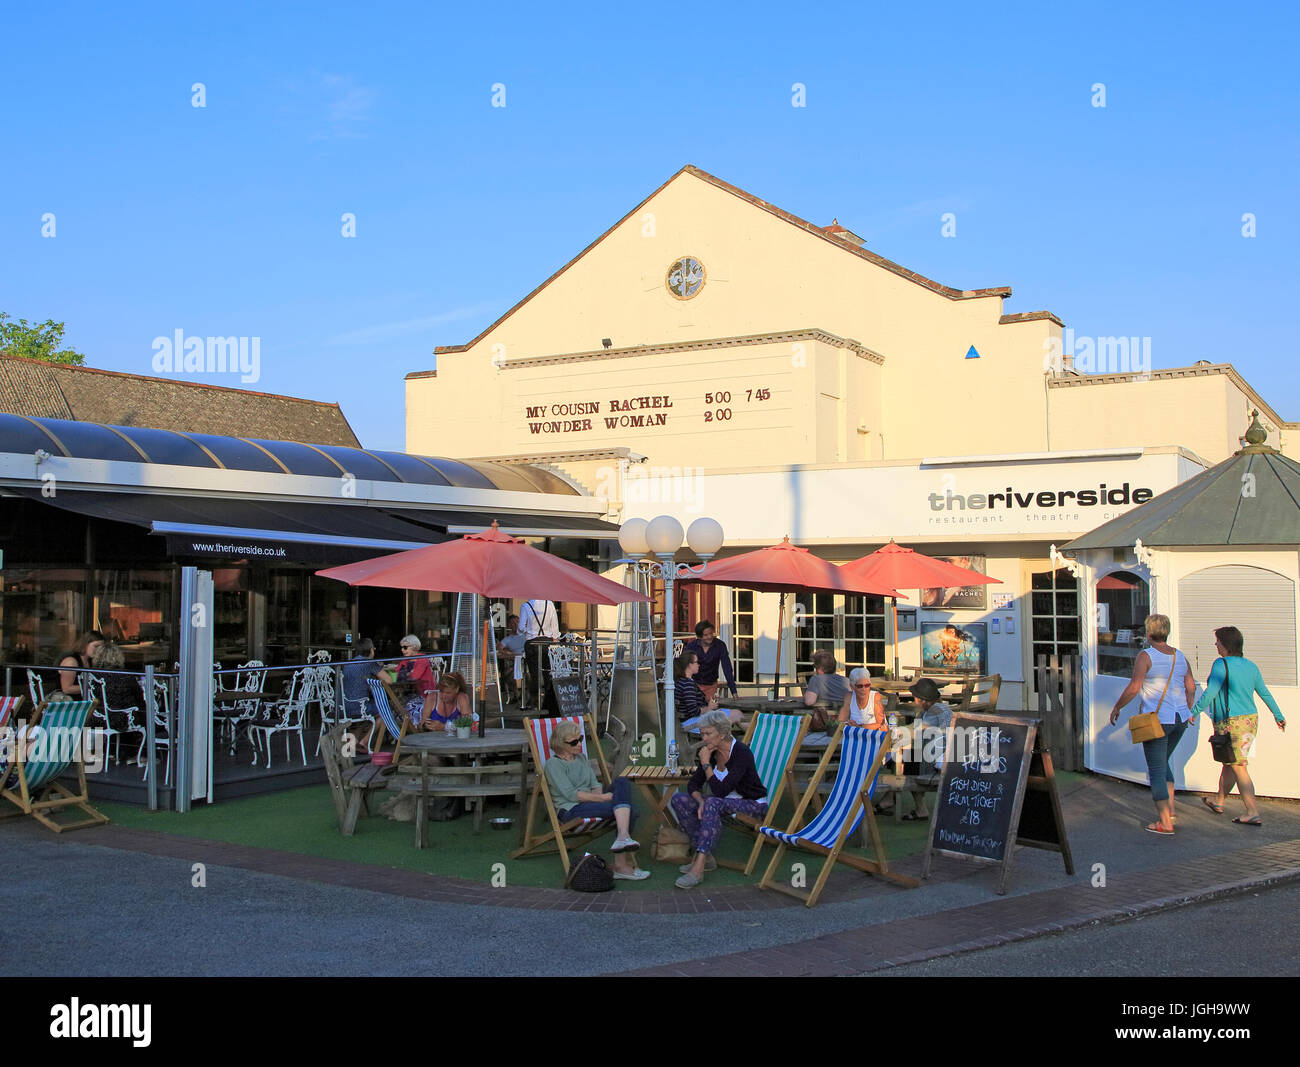 Personen außerhalb der Riverside Kino, Woodbridge, Suffolk, England, UK am Sommerabend Stockbild